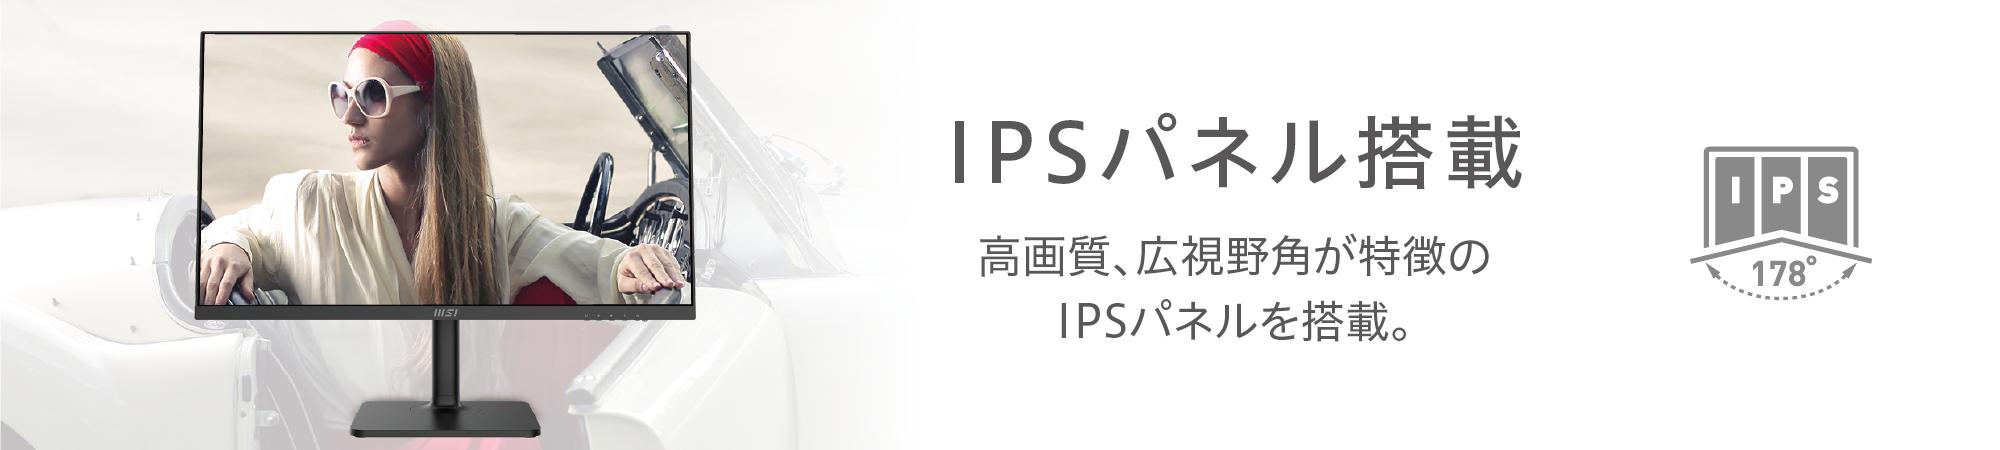 IPSパネル搭載